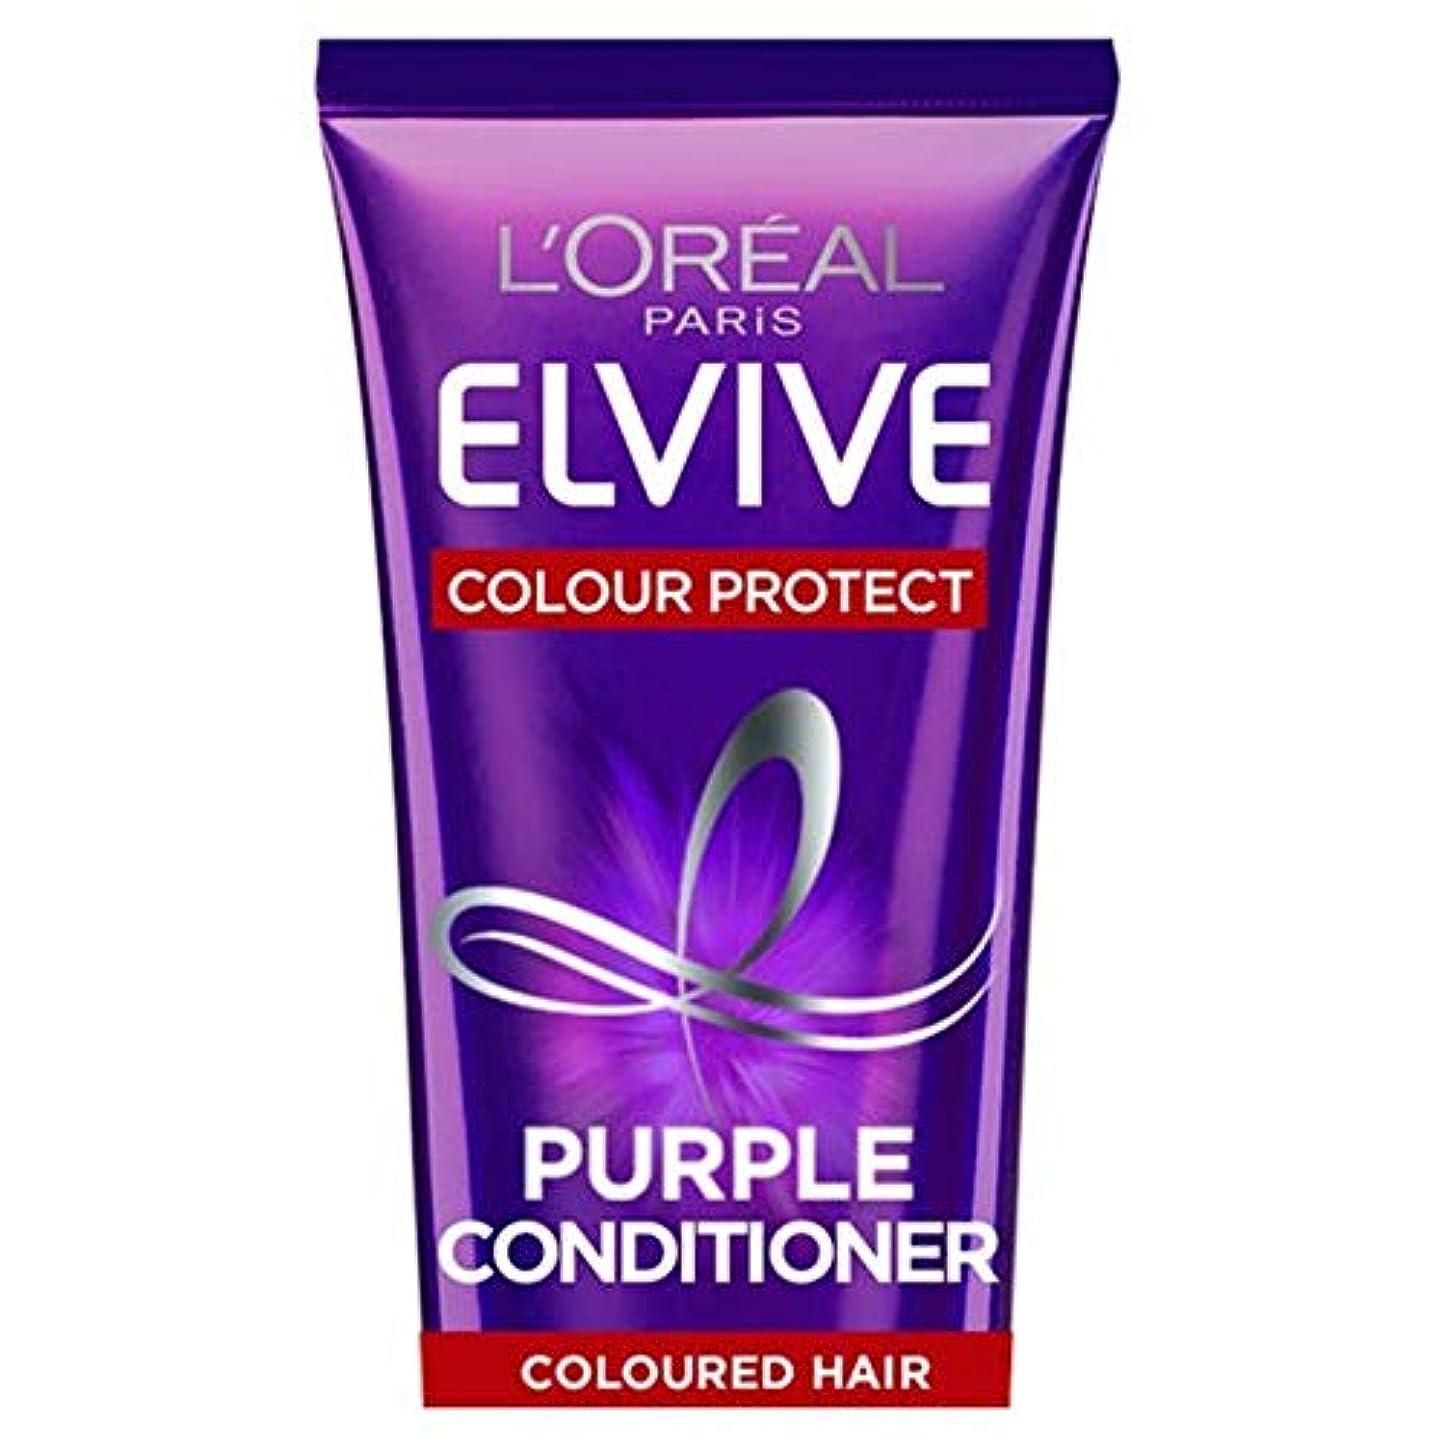 協定請願者うなずく[Elvive] ロレアルElvive色は紫コンディショナー150ミリリットルを保護します - L'oreal Elvive Colour Protect Purple Conditioner 150Ml [並行輸入品]